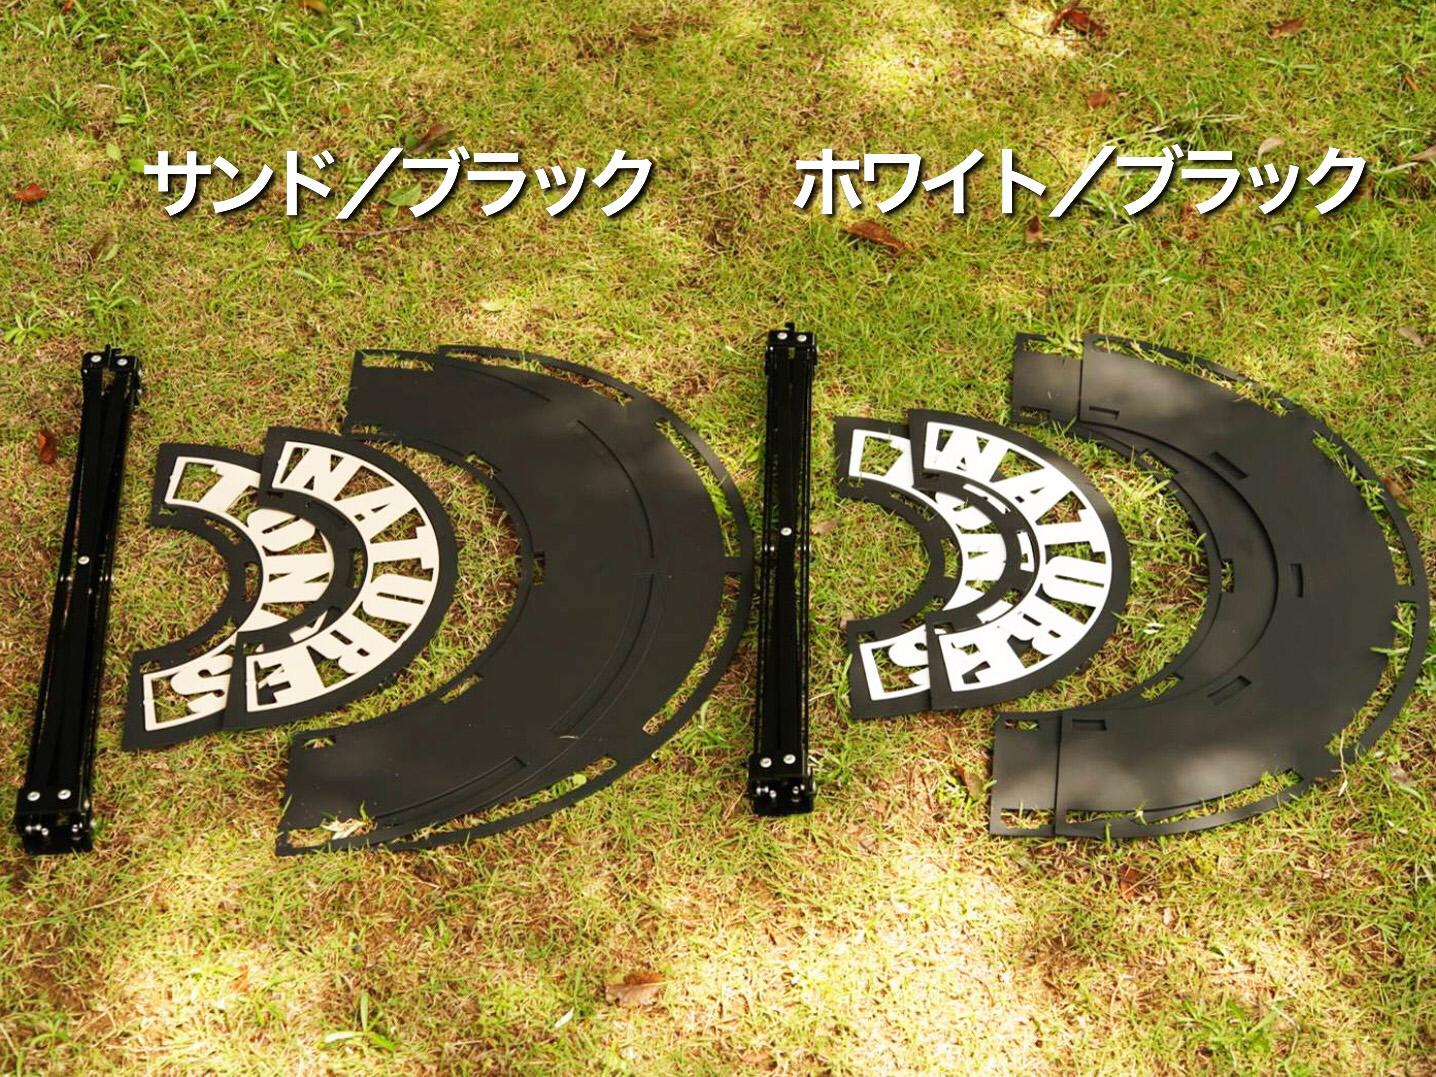 センターサークル(オクタゴンサークルシリーズ)